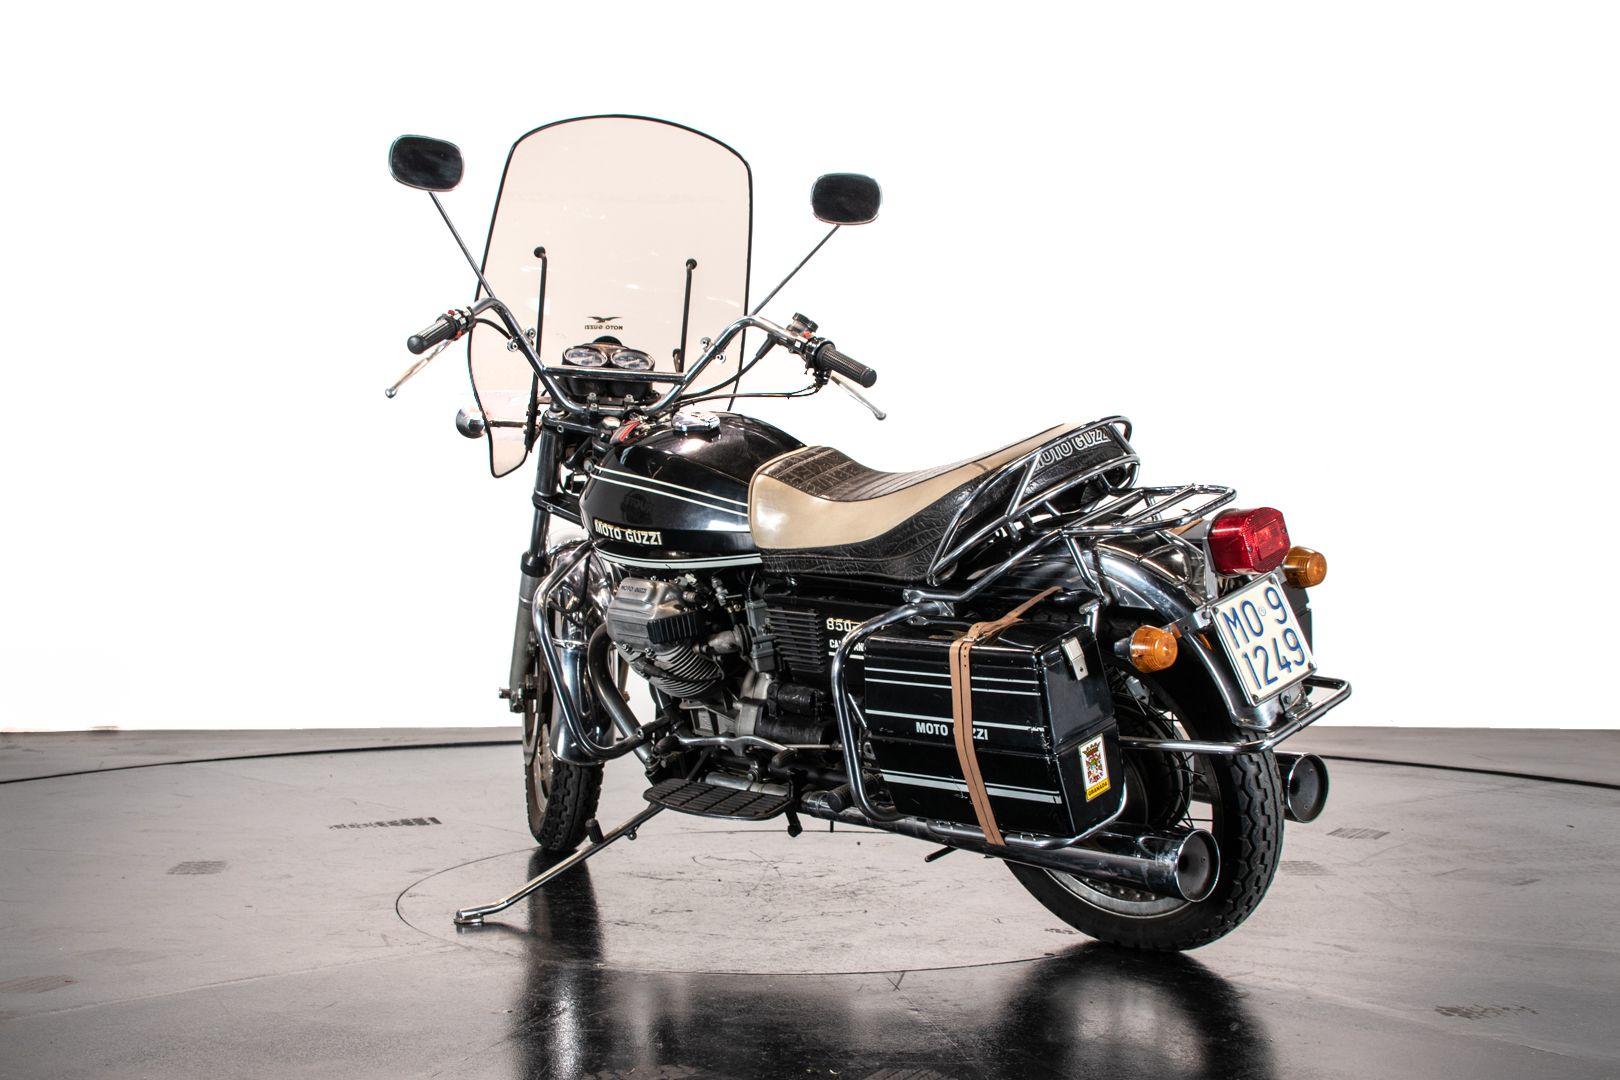 1978 Moto Guzzi 850 VD 73 60008